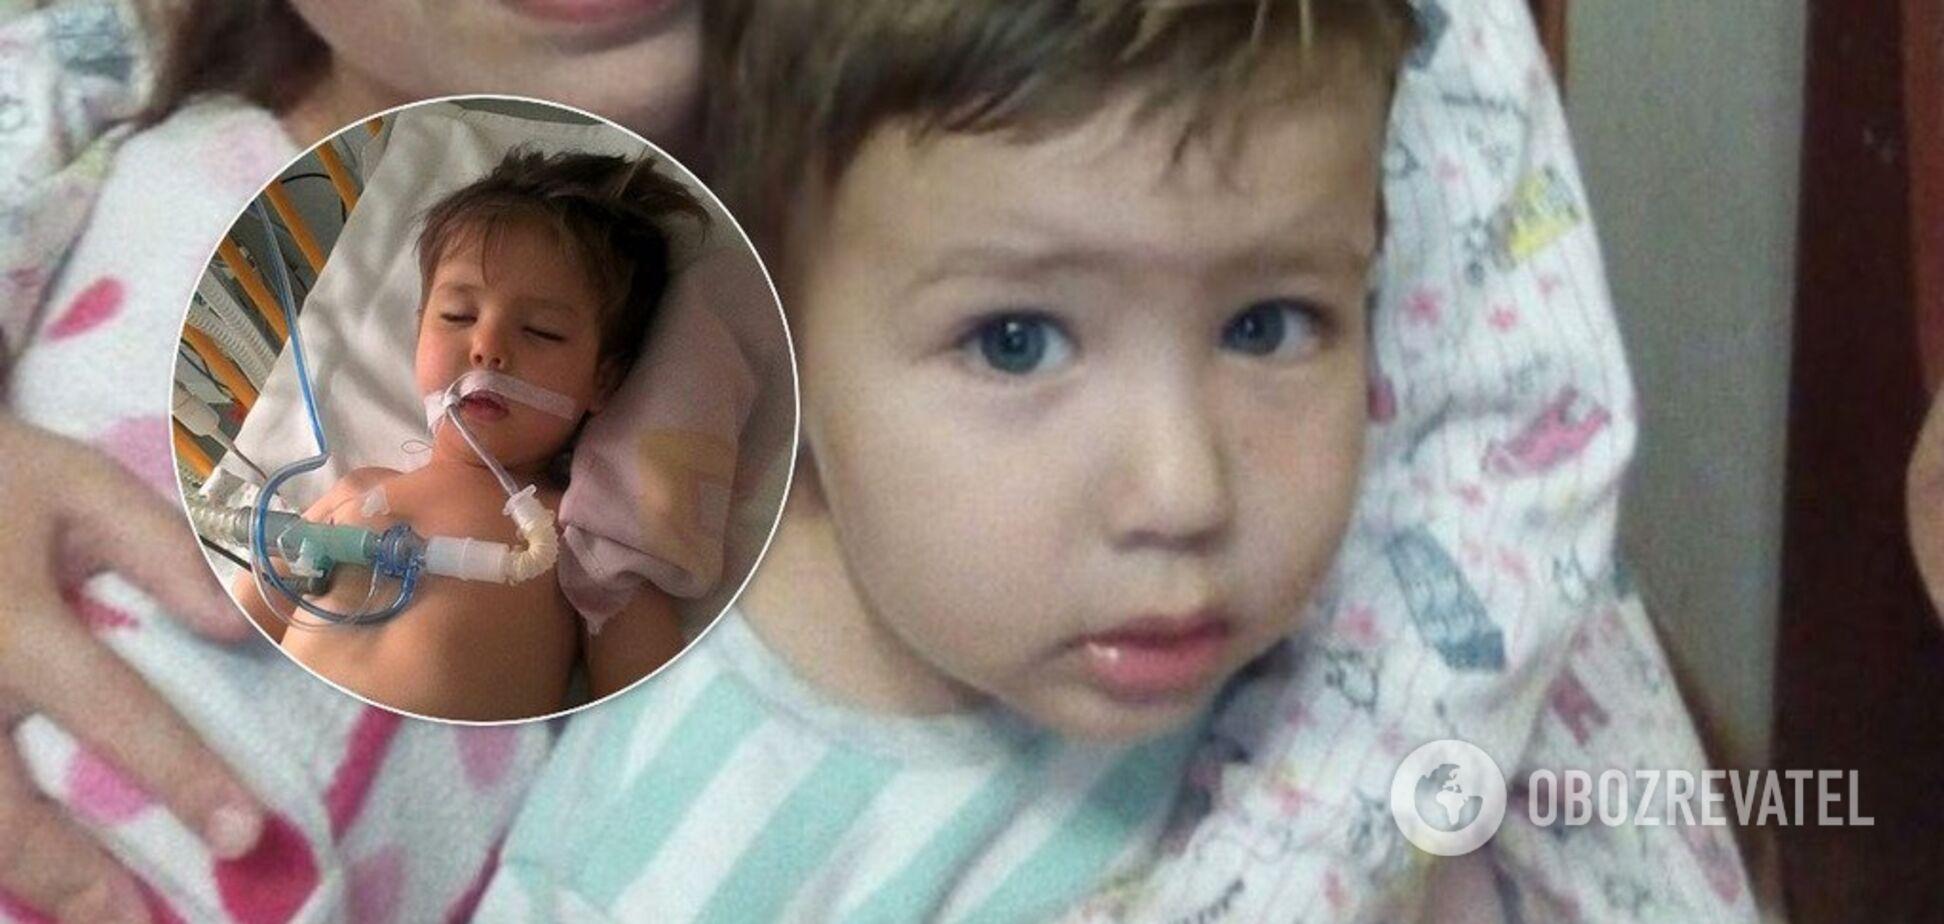 Корчился от боли и рвал кровью: как халатность врачей погубила 2-летнего малыша на Буковине